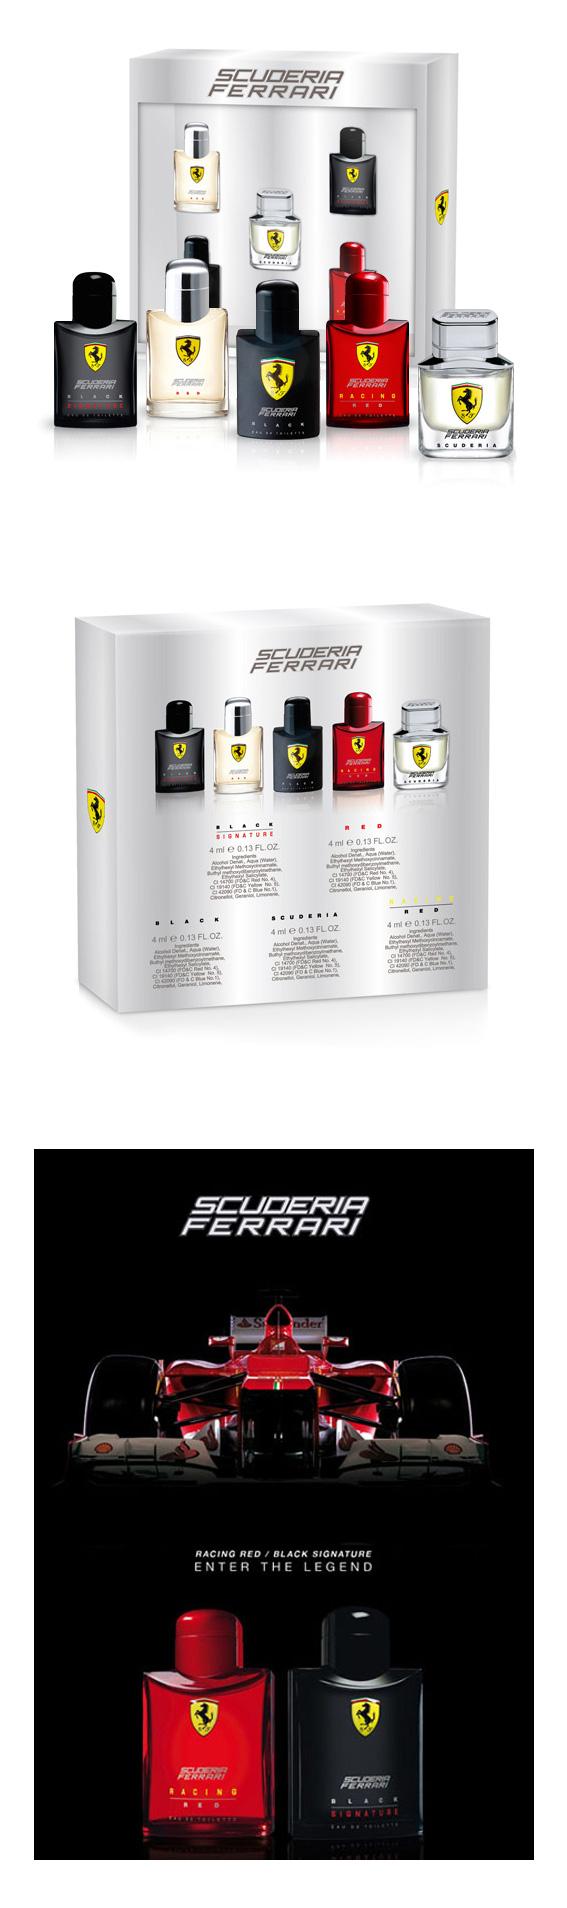 【12/5~12/11浪漫冬季特價】Ferrari 法拉利 勁速法拉利小香組禮盒II (4ml*5入)